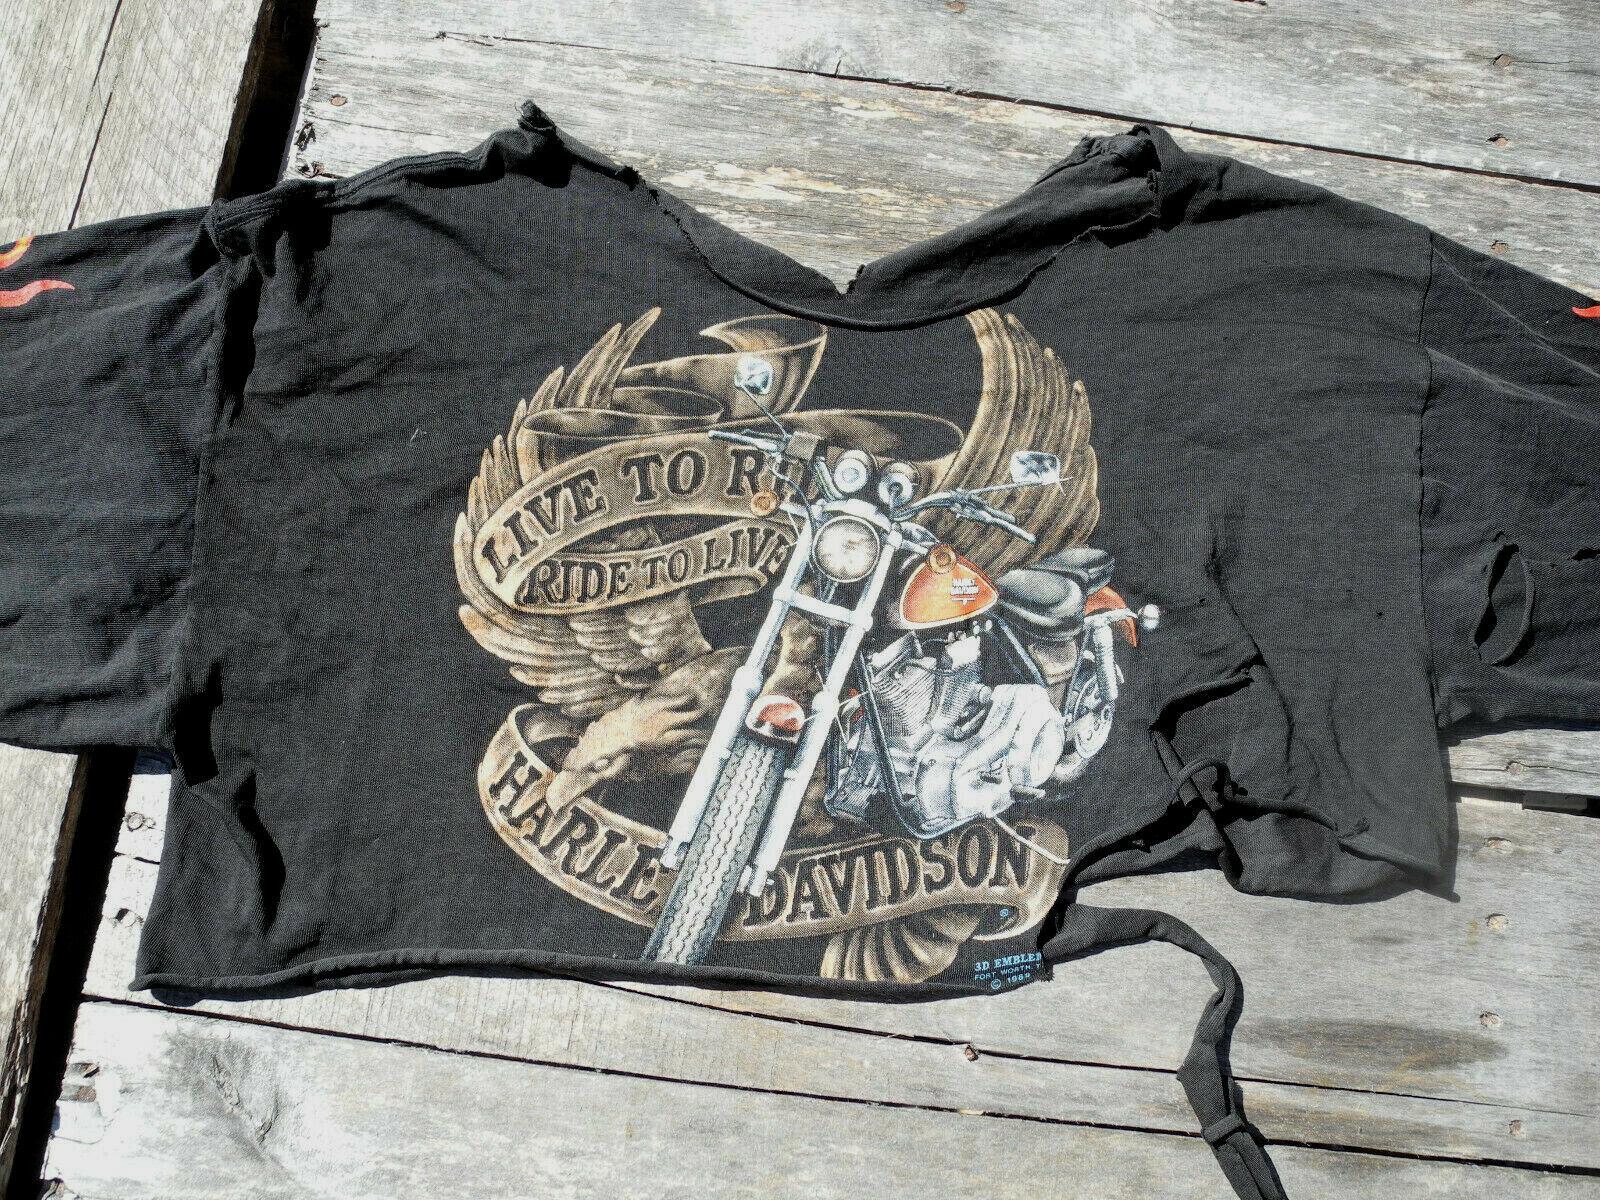 Rare Vtg 80s 3D Emblem T-Shirt XL Crop-Top Live To Ride Long Sleeve